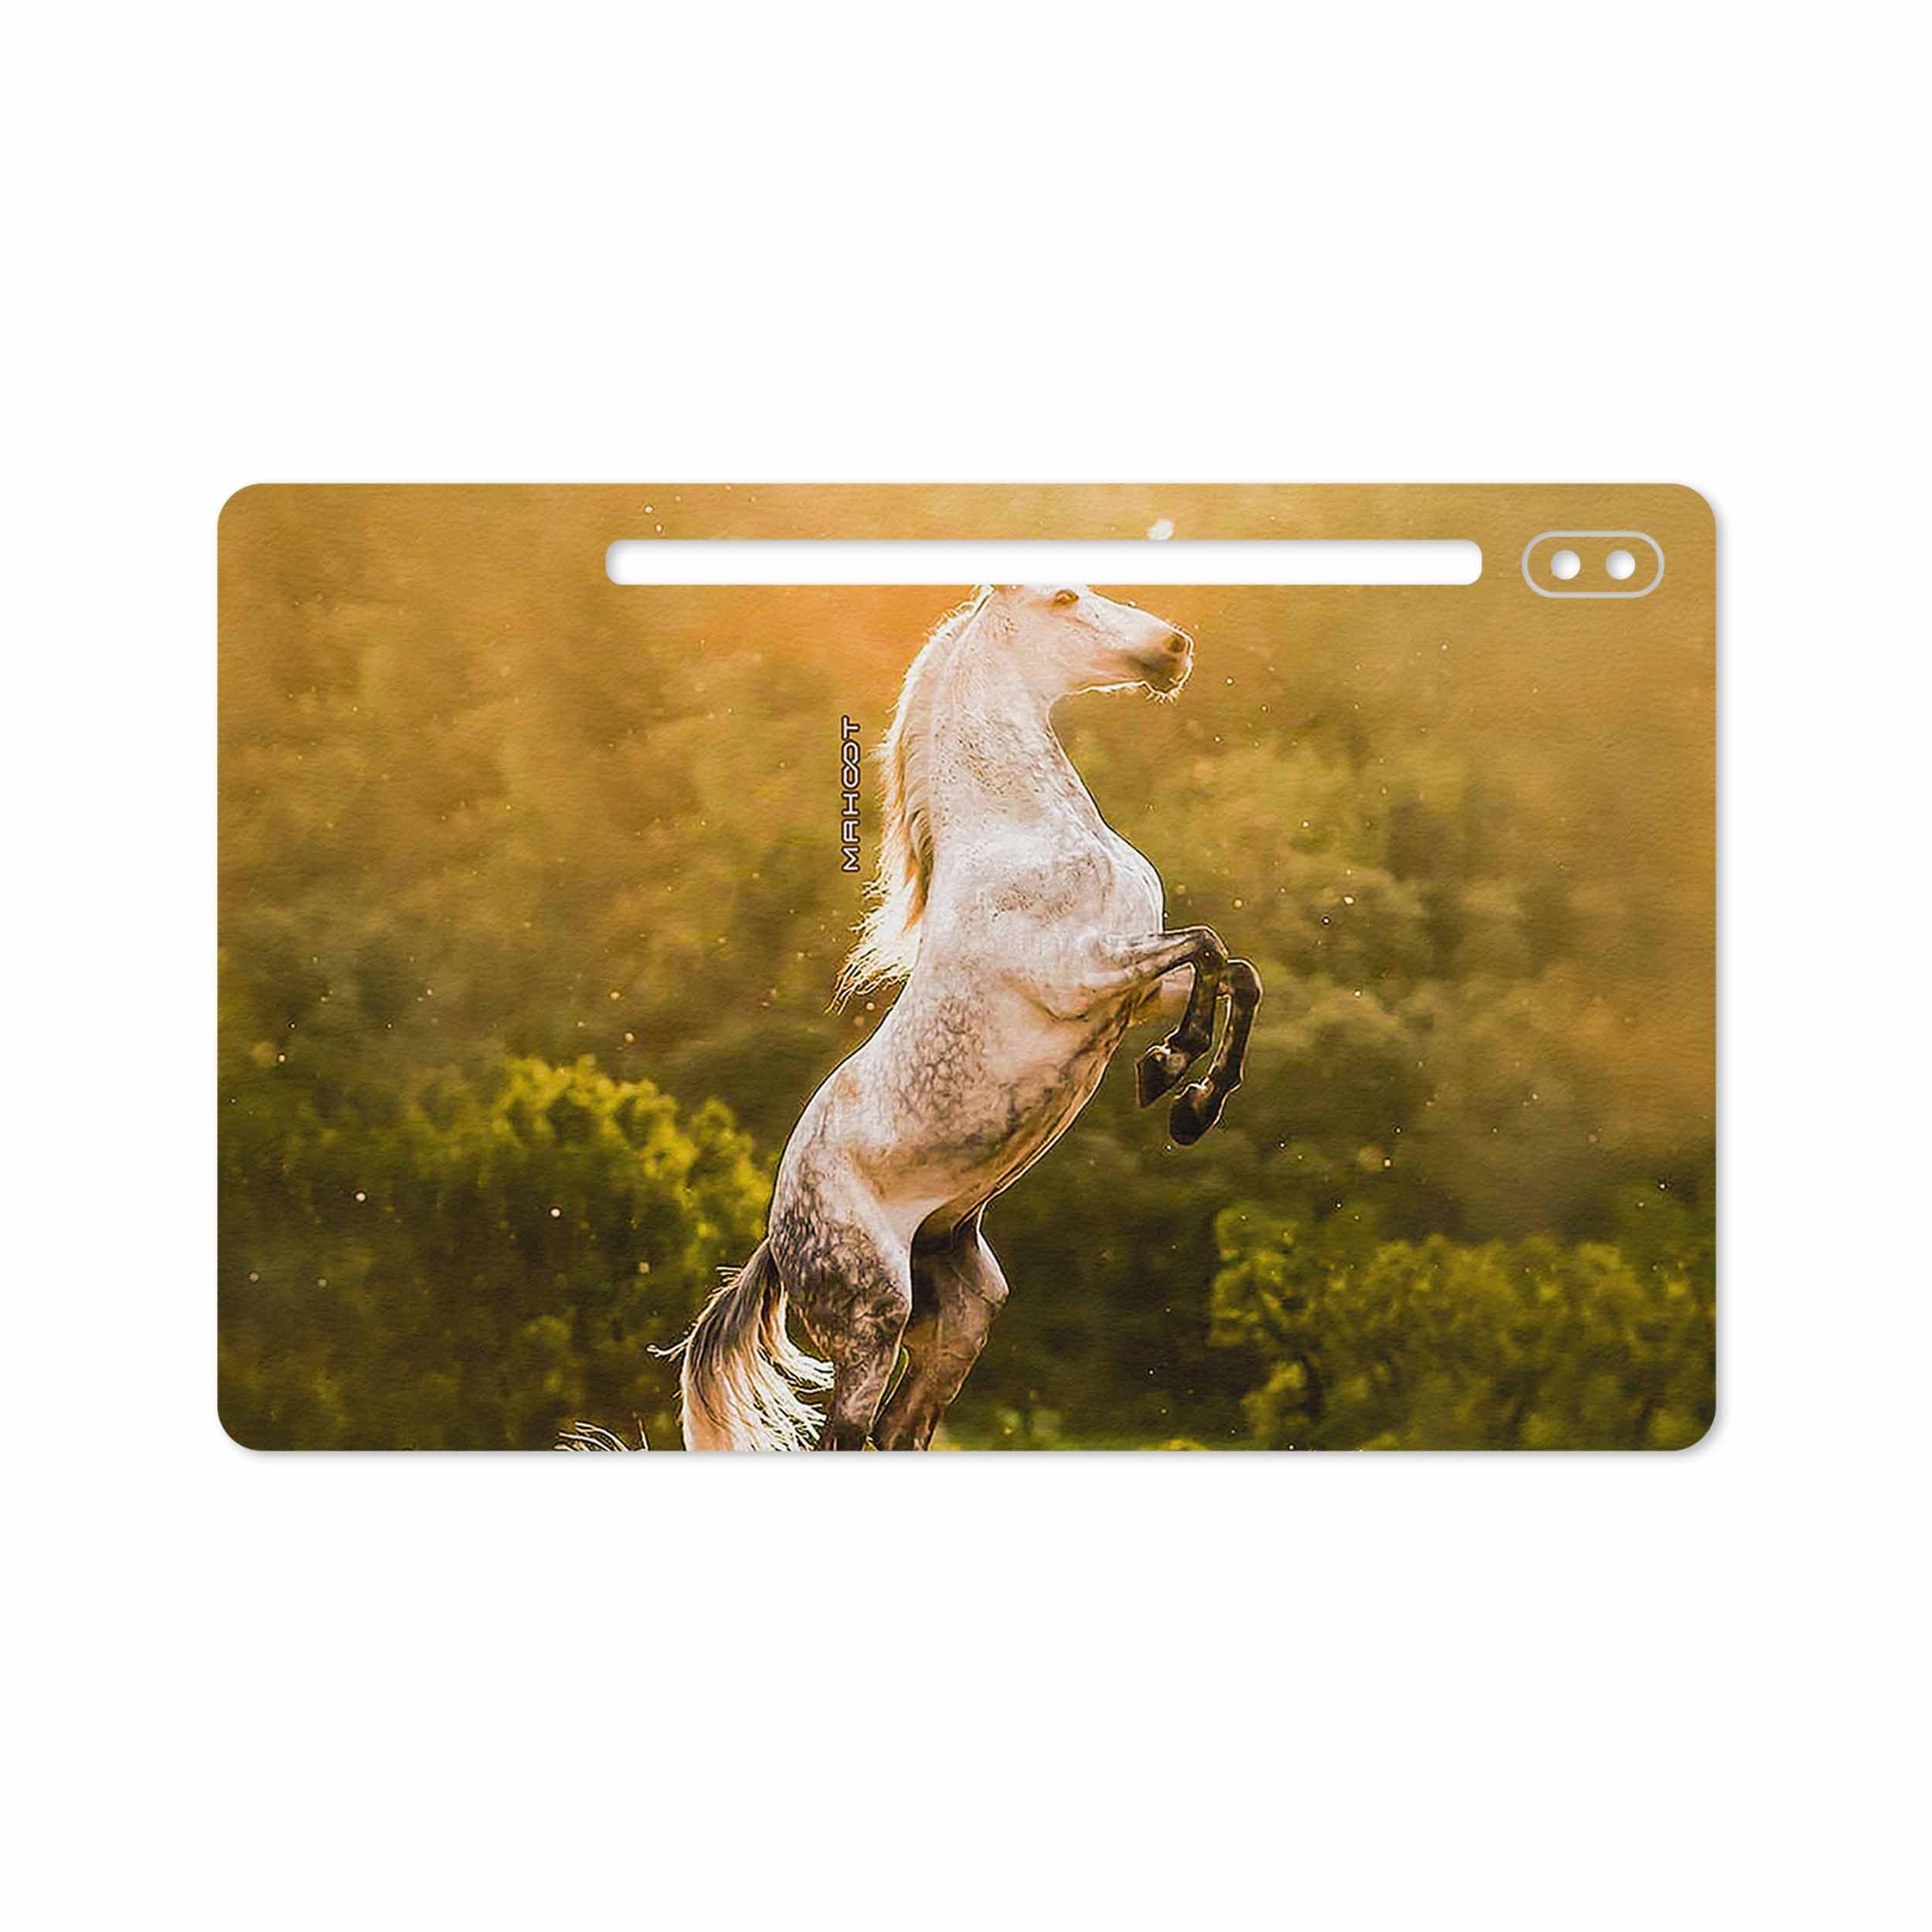 بررسی و خرید [با تخفیف]                                     برچسب پوششی ماهوت مدل Horse-2 مناسب برای تبلت سامسونگ Galaxy Tab S6 2019 SM-T865                             اورجینال